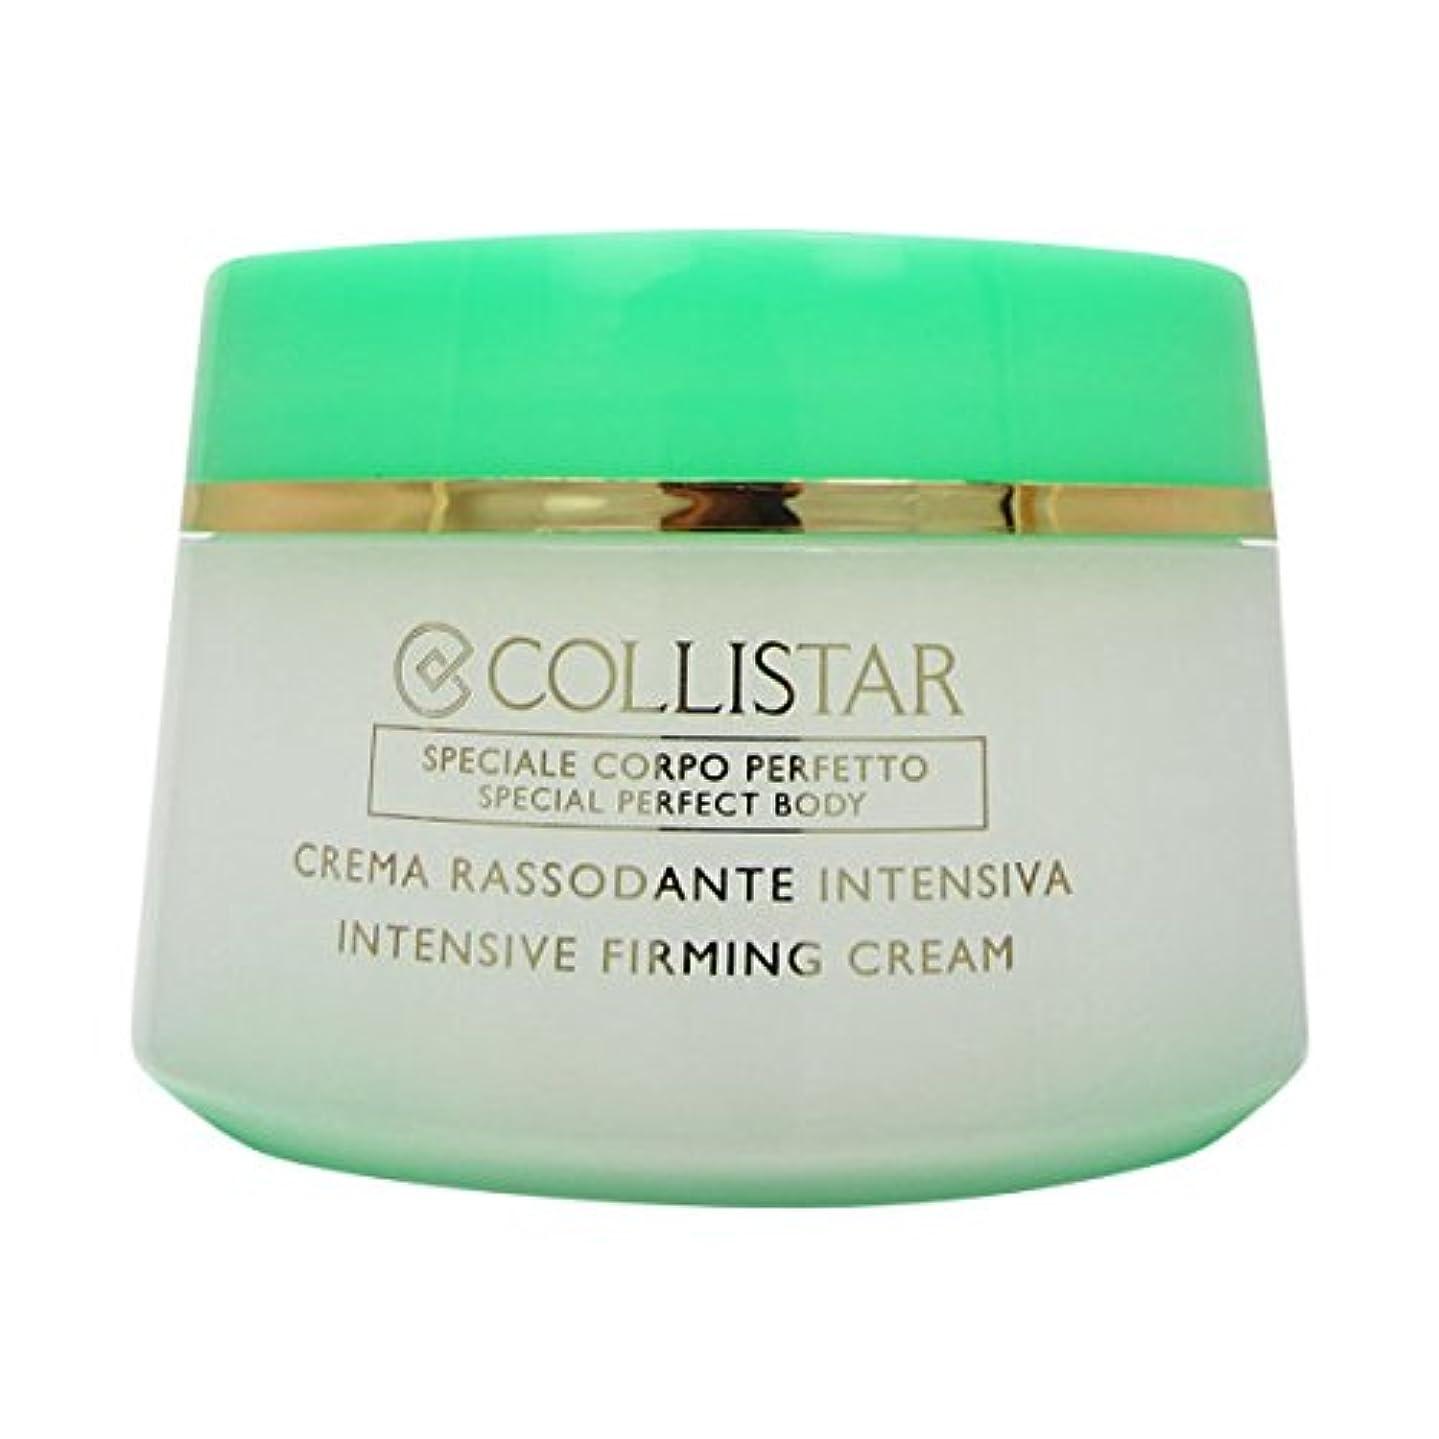 シャンプー意外永久Collistar Intensive Firming Cream 400ml [並行輸入品]